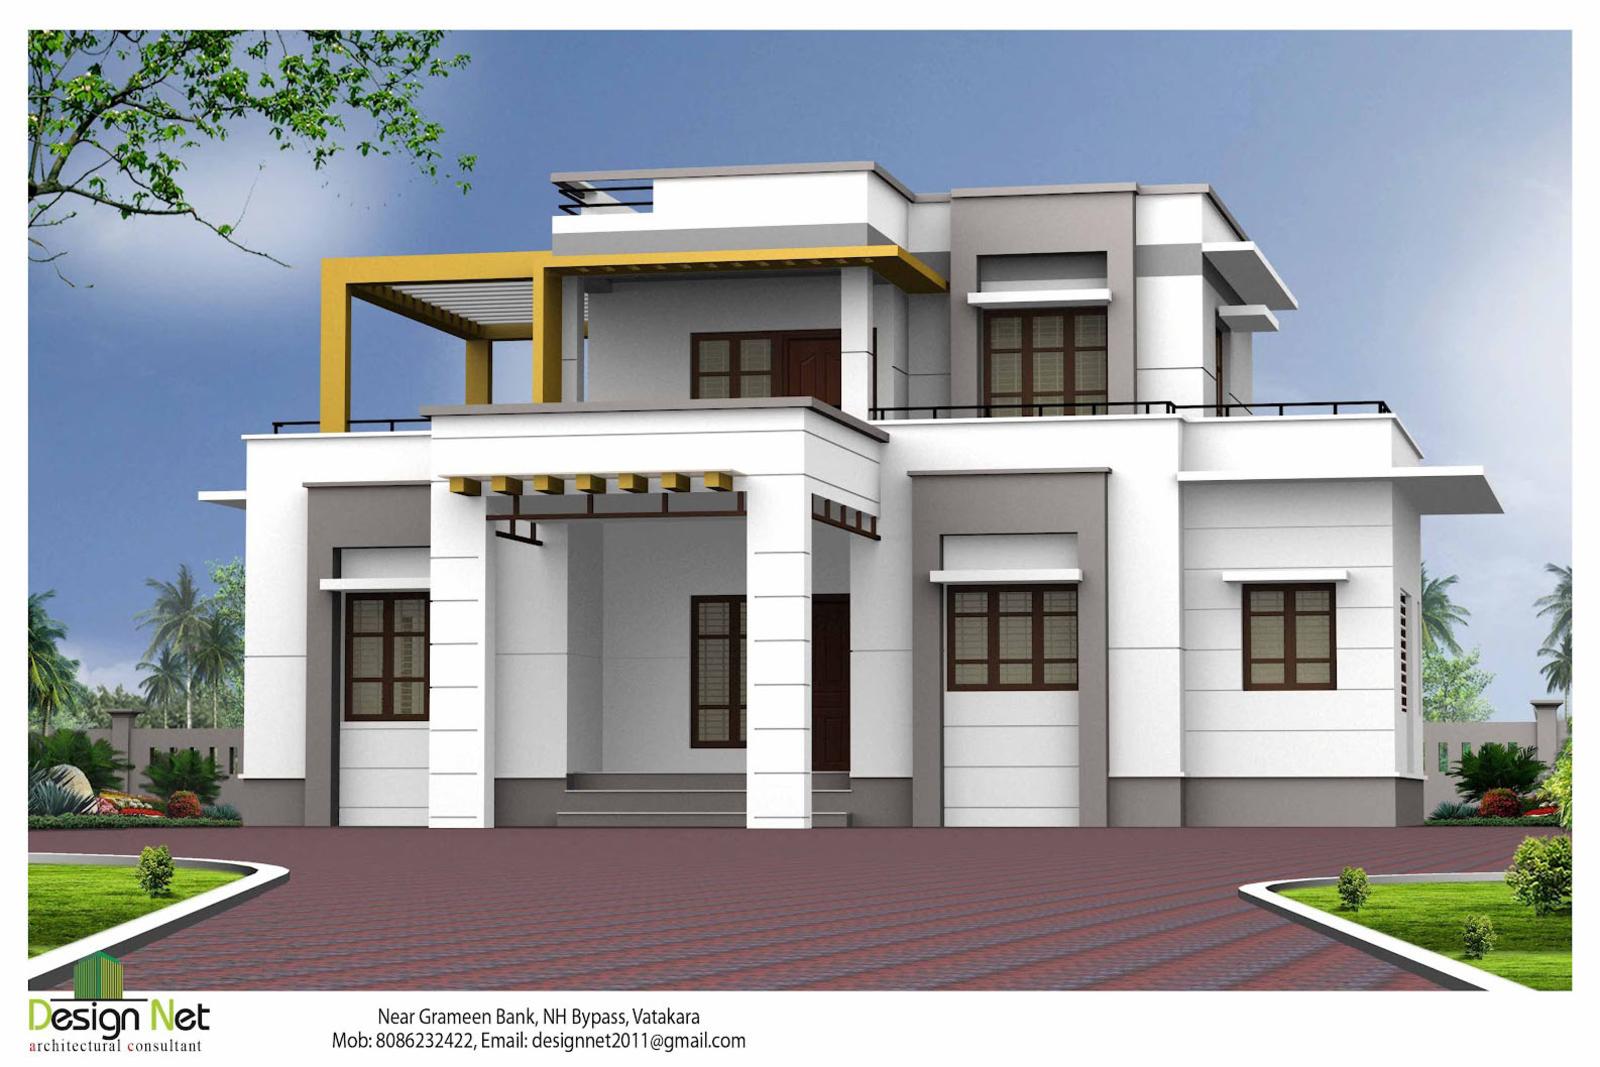 Exterior House Designs Ideas 12 Inspiring Design